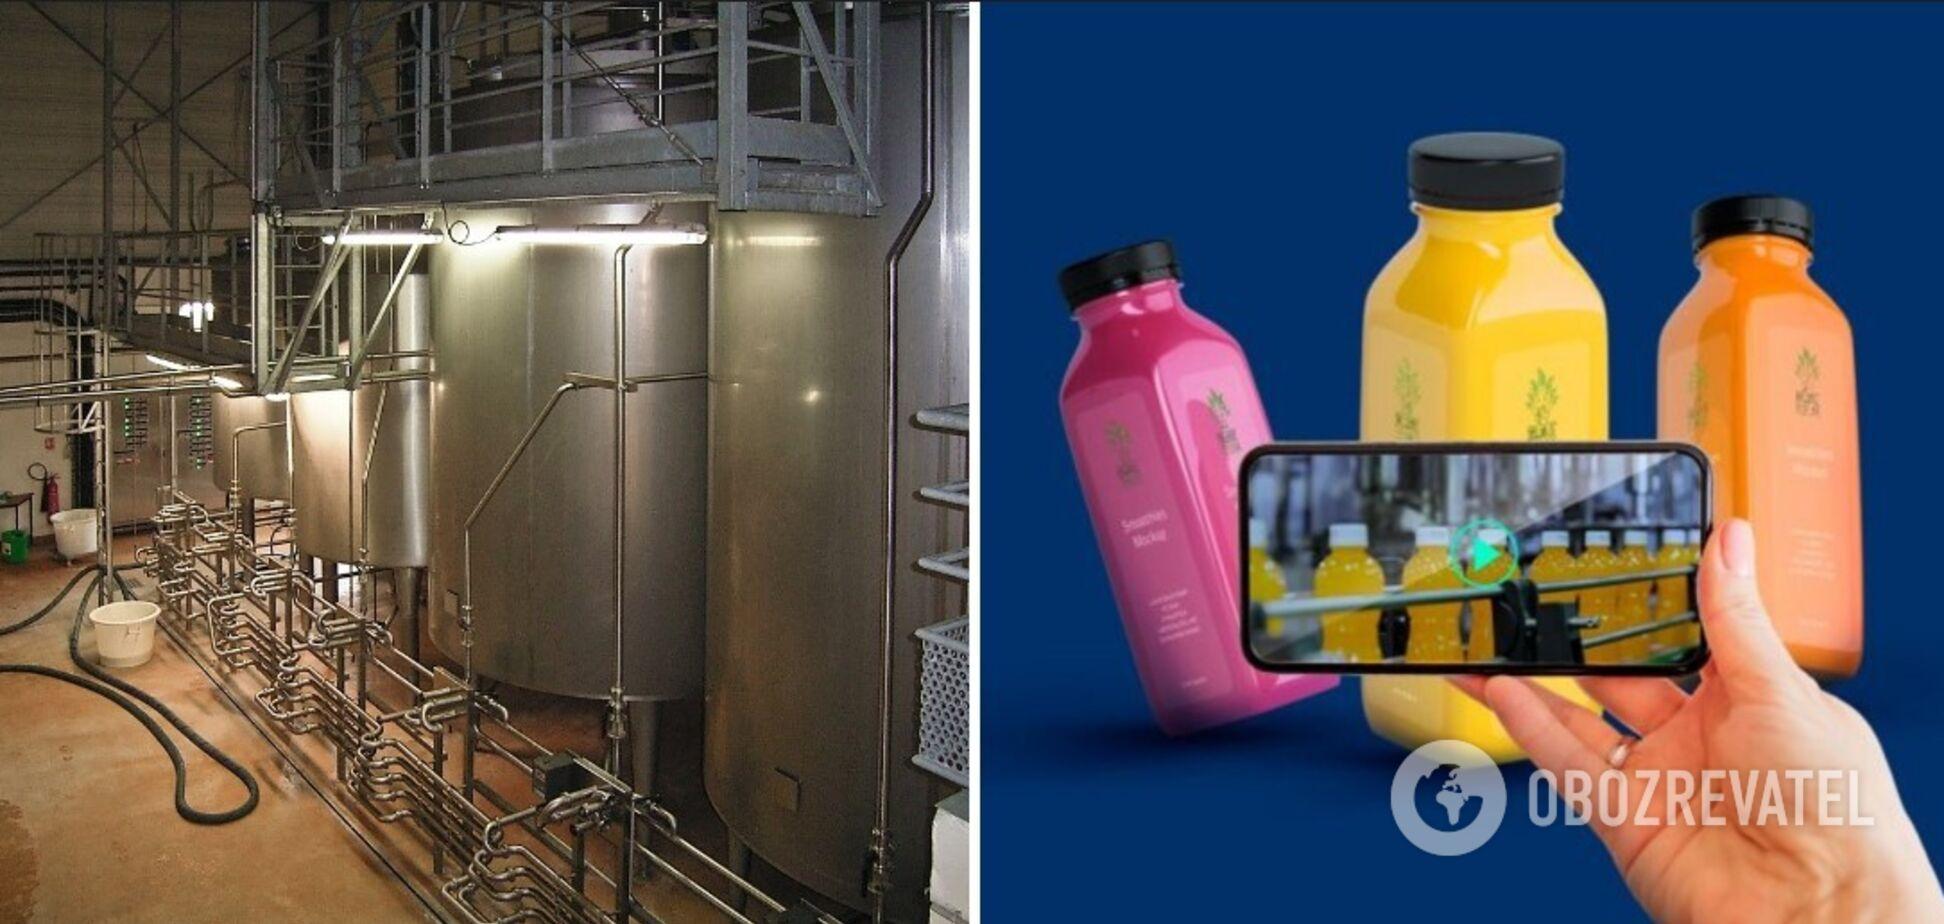 Кожен українець може відвідати заводи Danone та побачити, як створюється молочна продукція